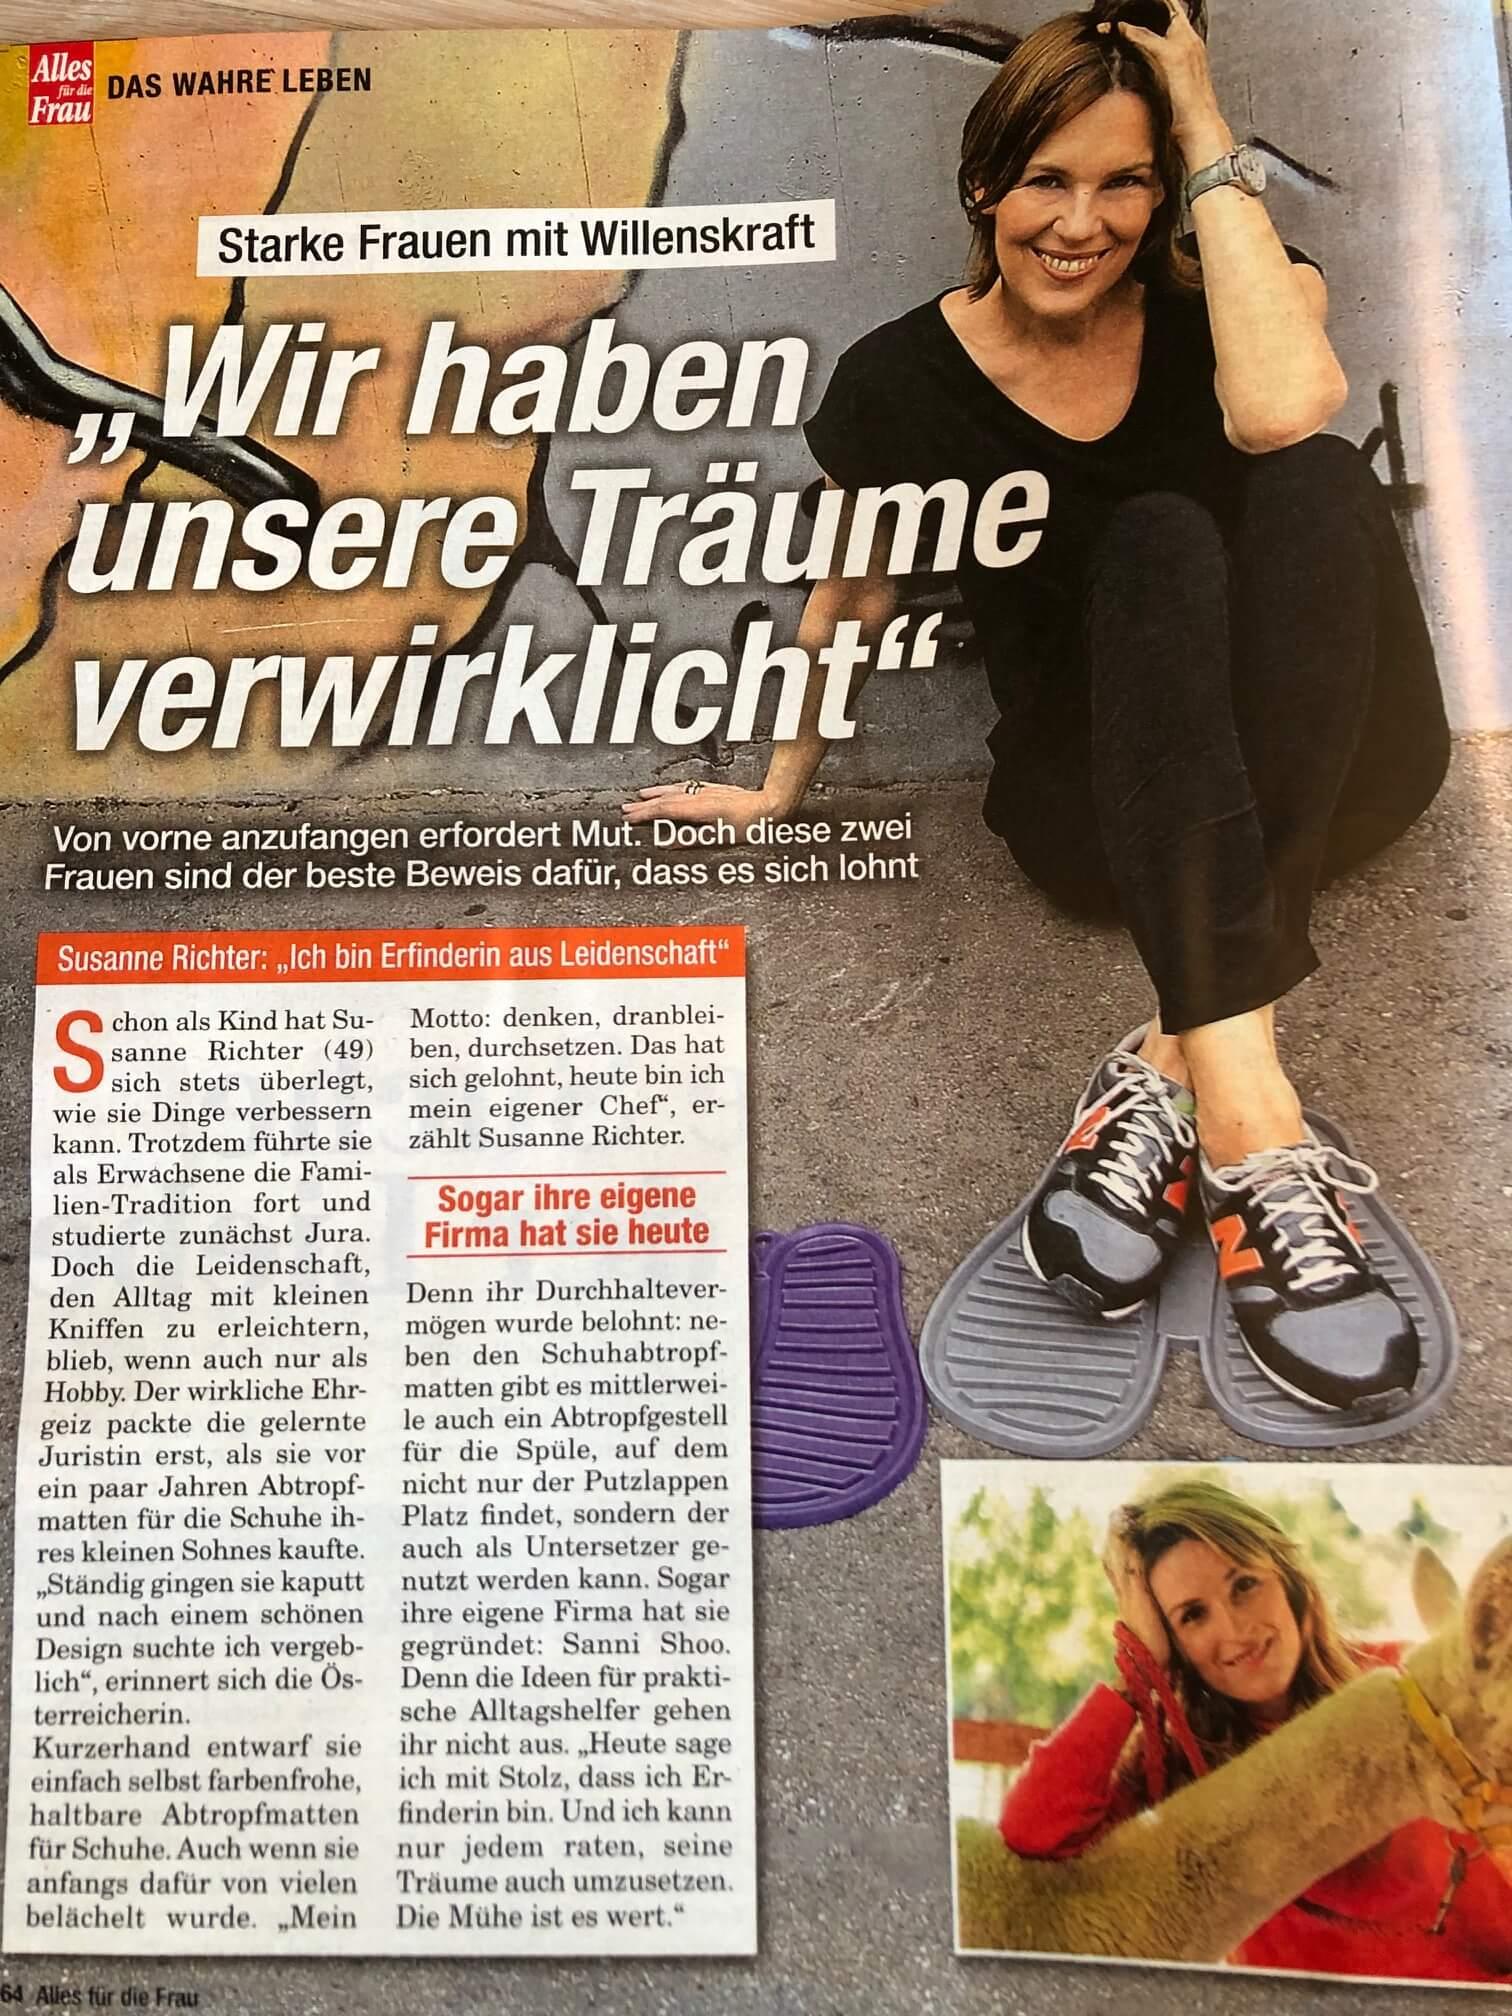 Susanne Richters Geschichte in Alles für die Frau